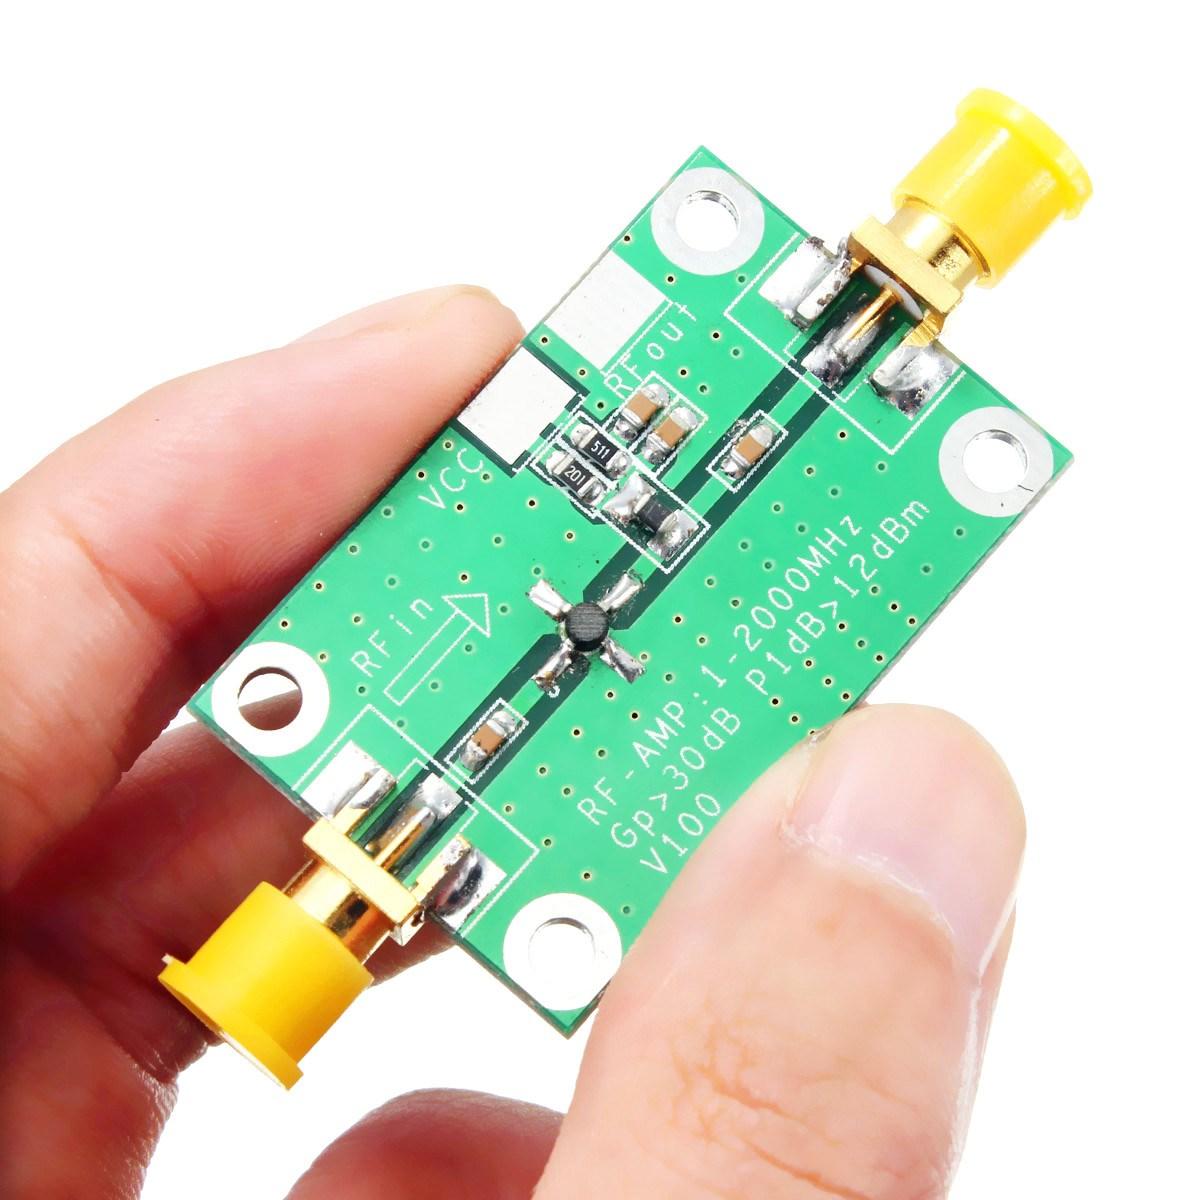 Excellente Qualité Meilleure Promotion 1-2000 MHz 2 Ghz À Faible Bruit LNA RF Large Bande Amplificateur Module 30dB HF VHF/UHF